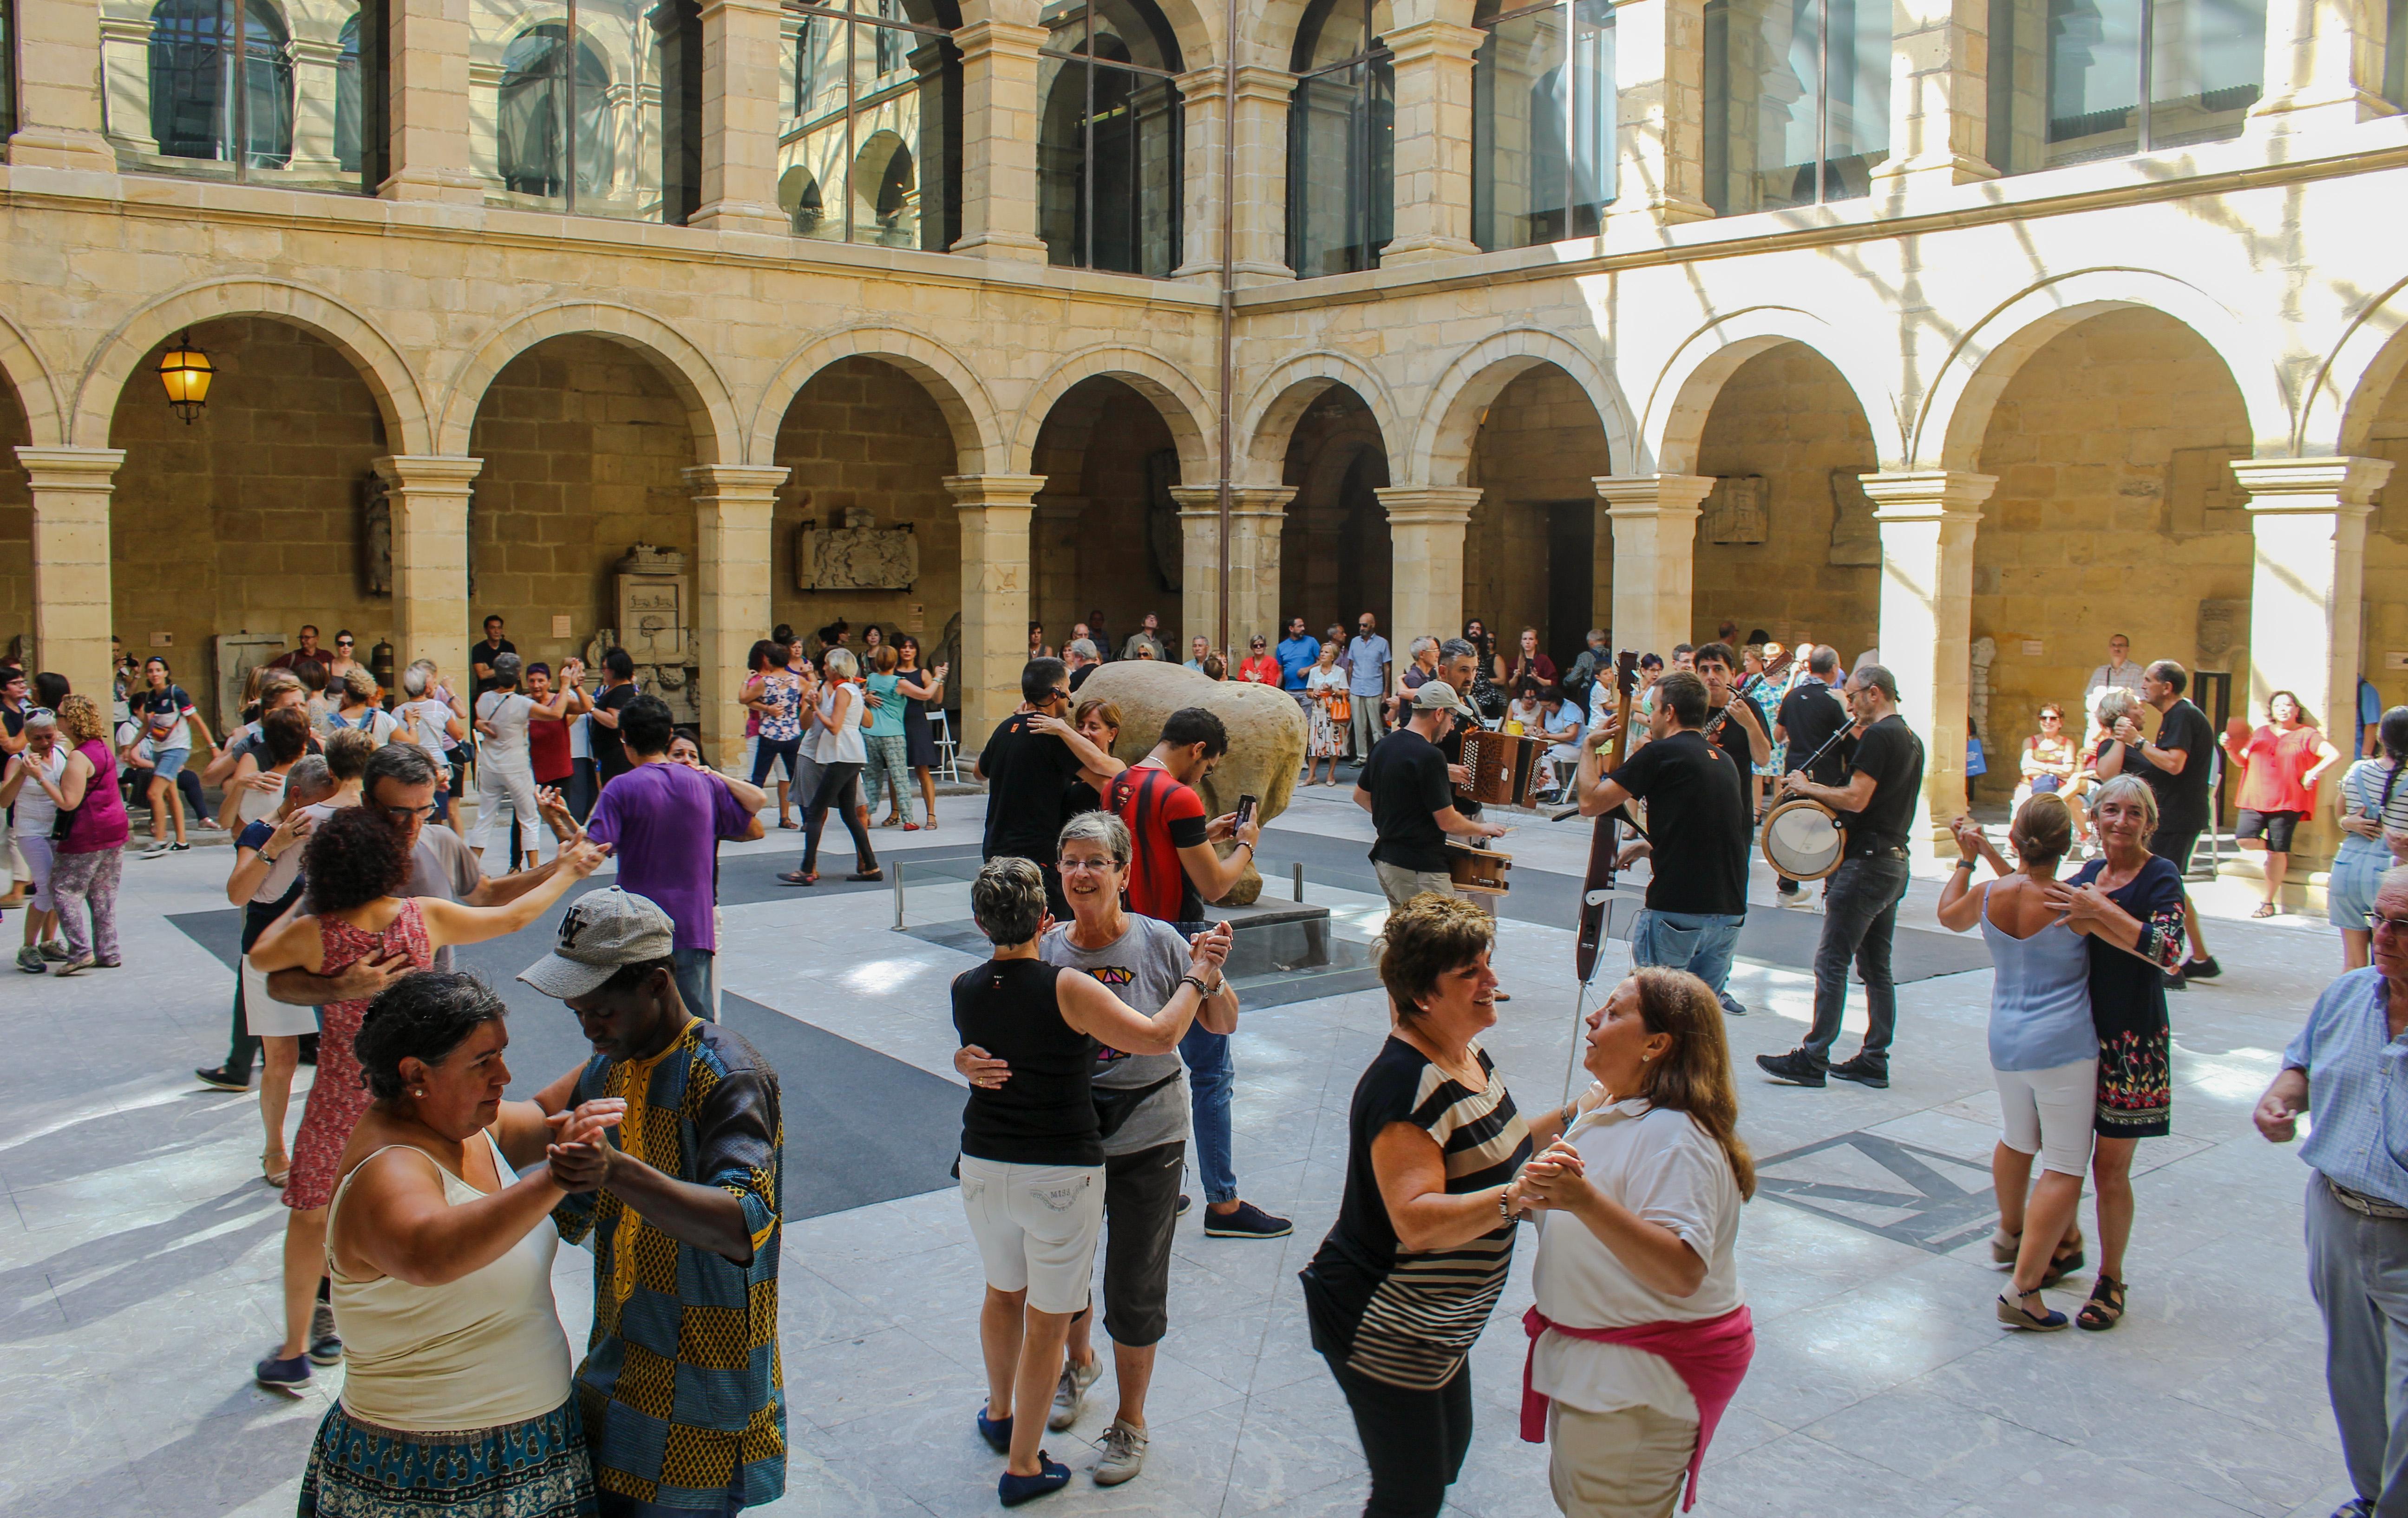 La danza tradicional vuelve al Museo Vasco con la romería de Aiko Taldea